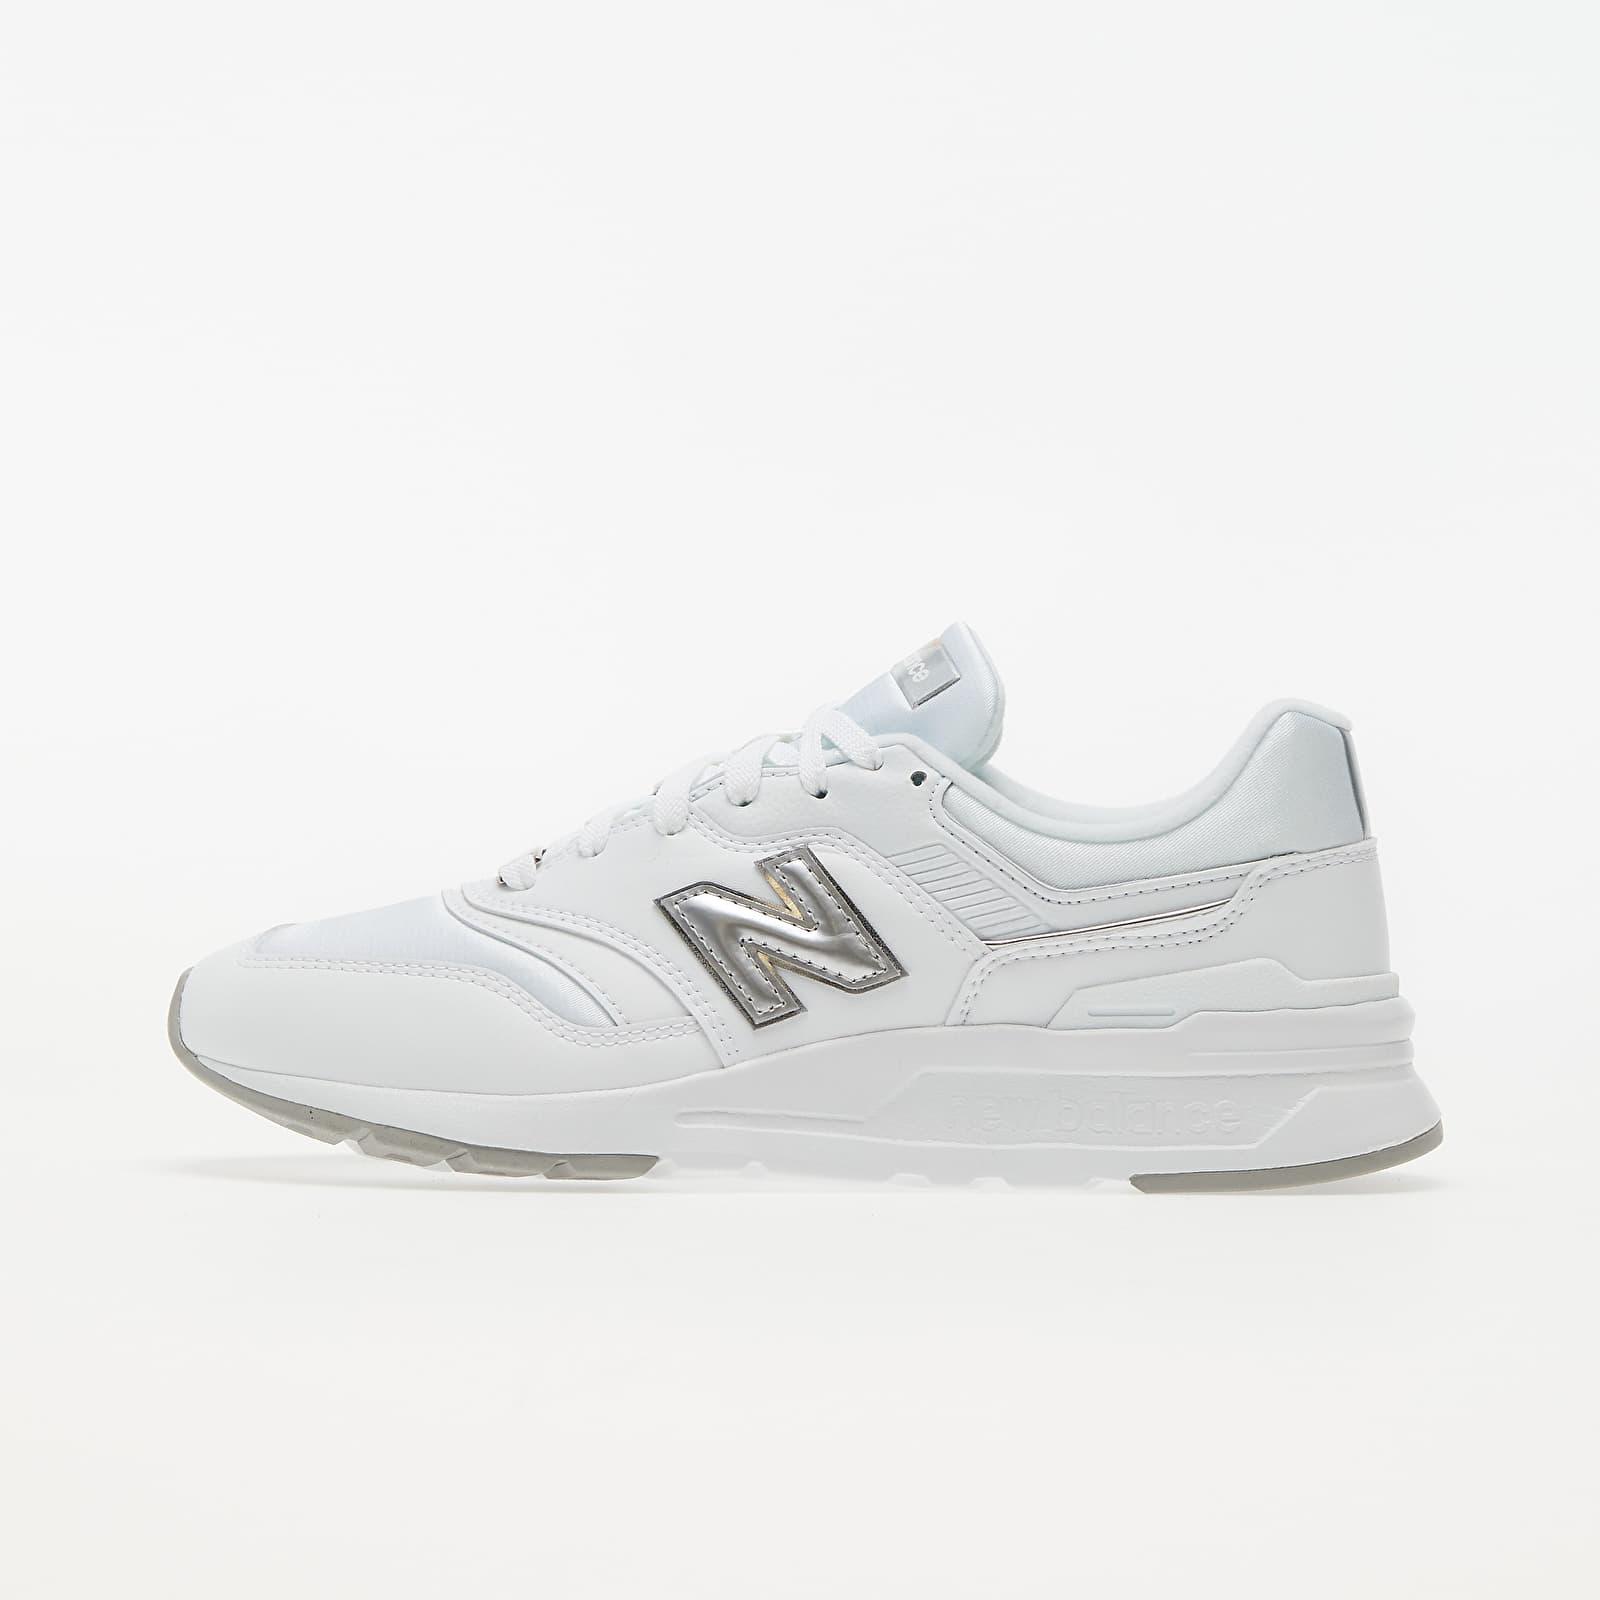 New Balance 997 White/ Silver CW997HMW